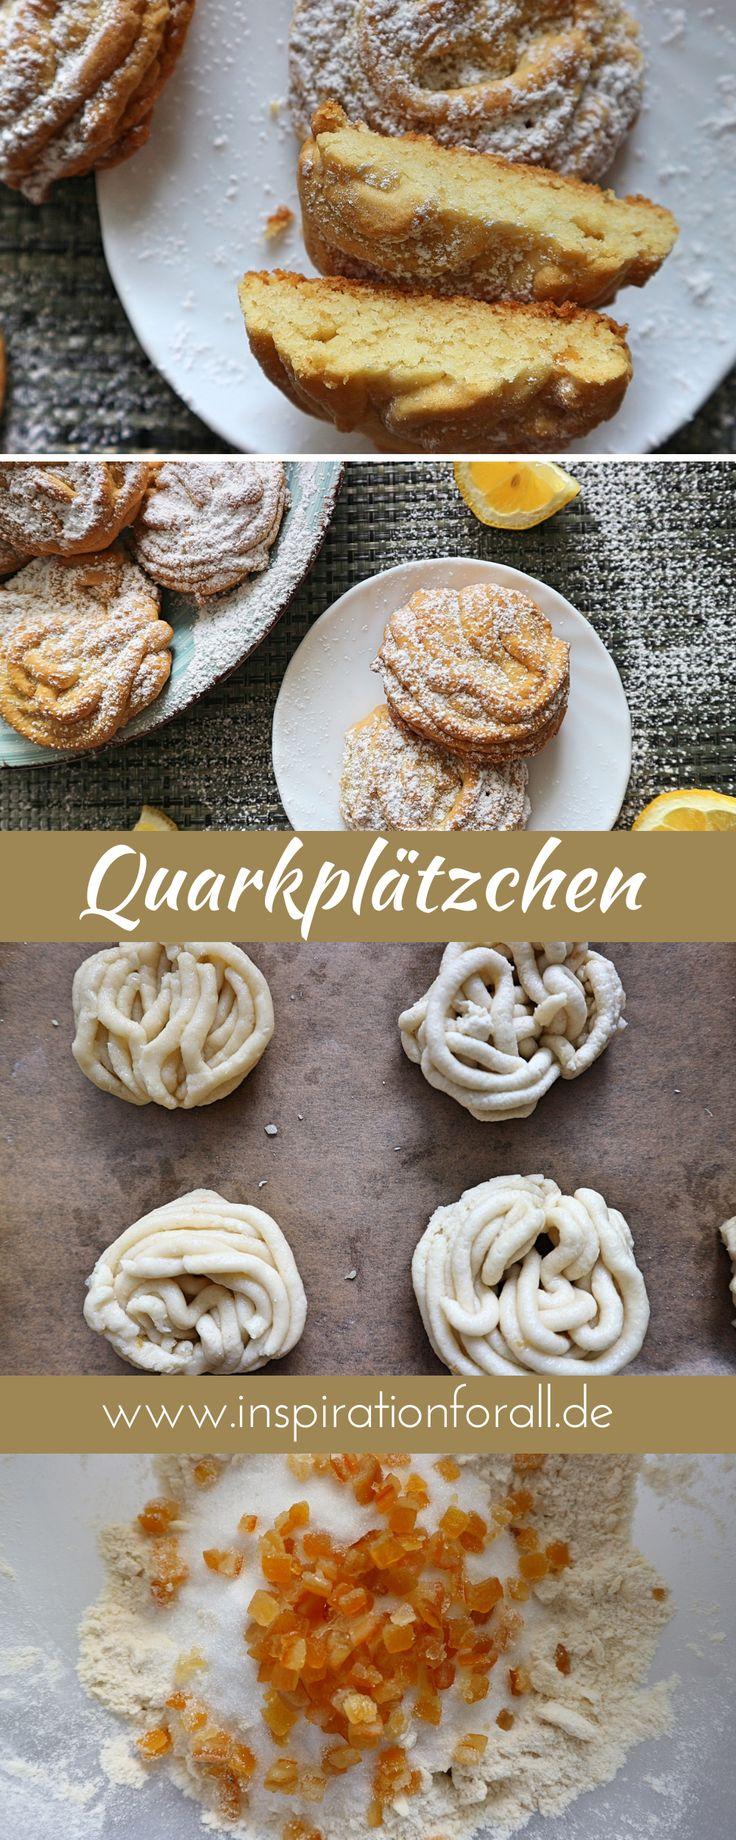 Spritzgebäck mit Quark & Orangeat mit Fleischwolf geformt – Rezept